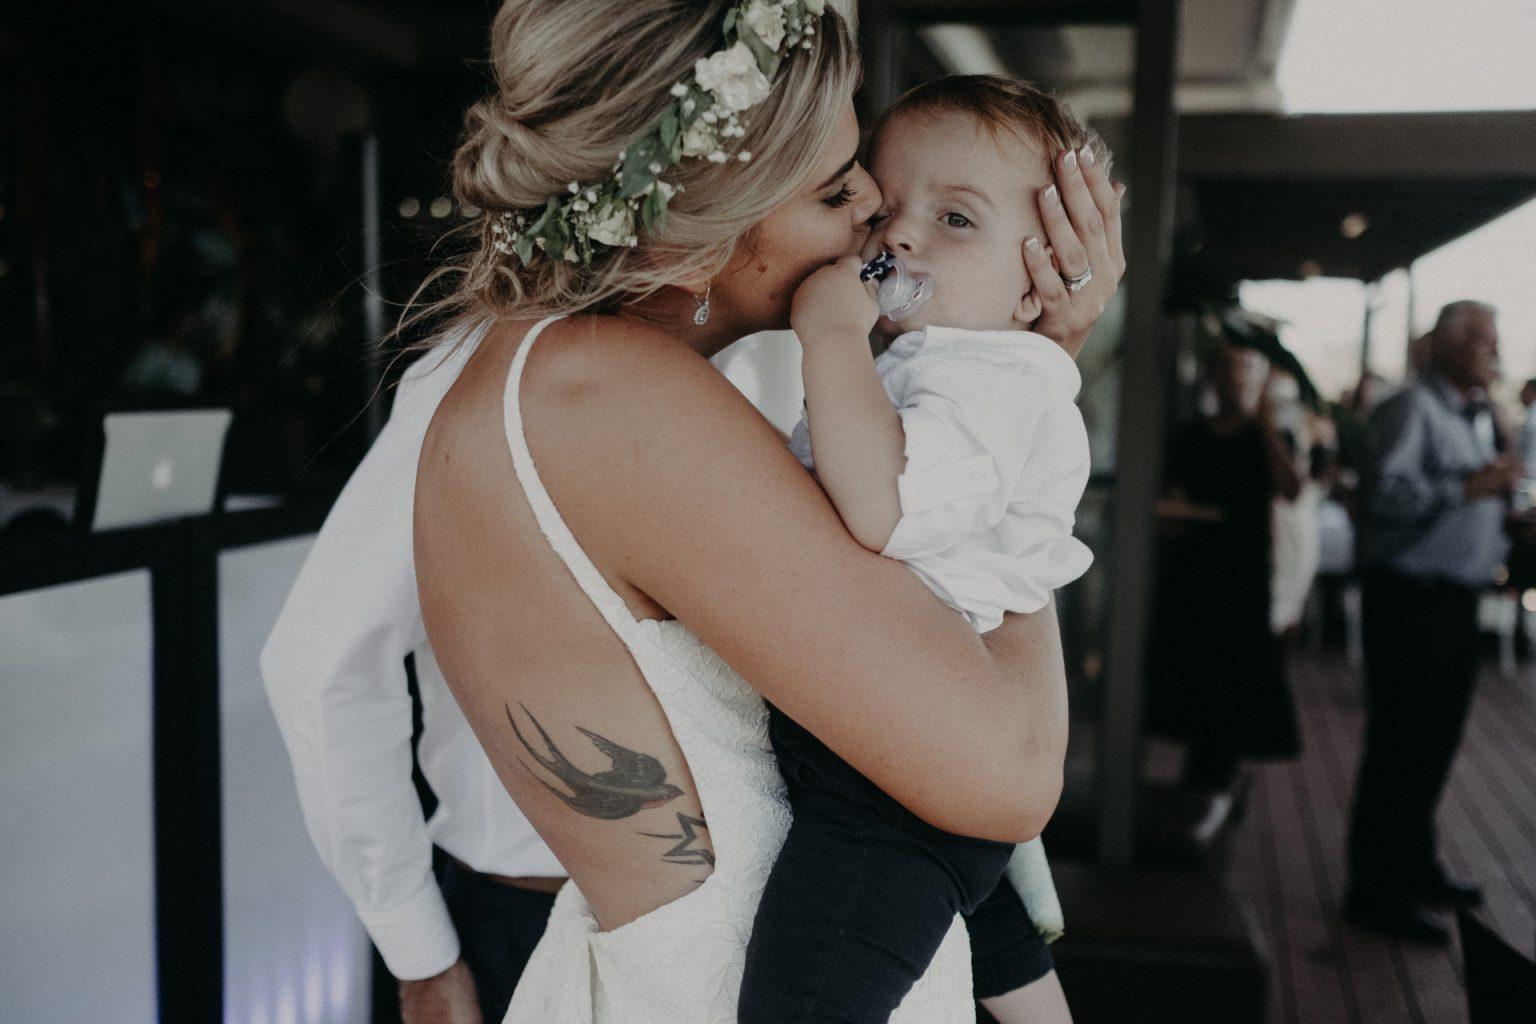 bride reception kiss baby